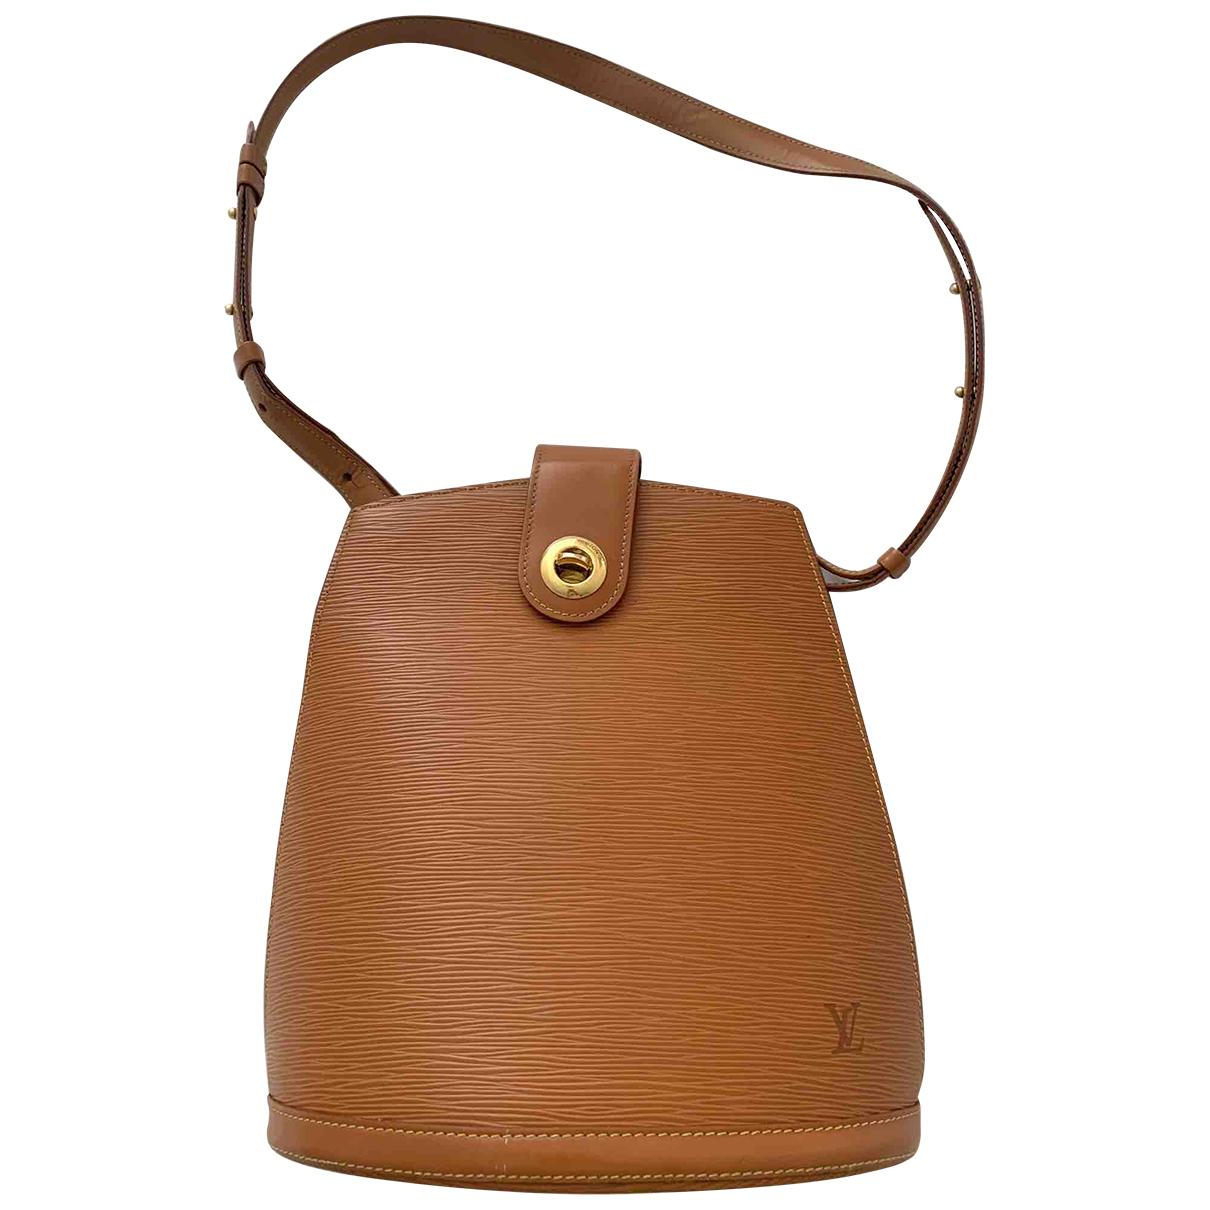 Bandolera Cluny Vintage de Cuero Louis Vuitton